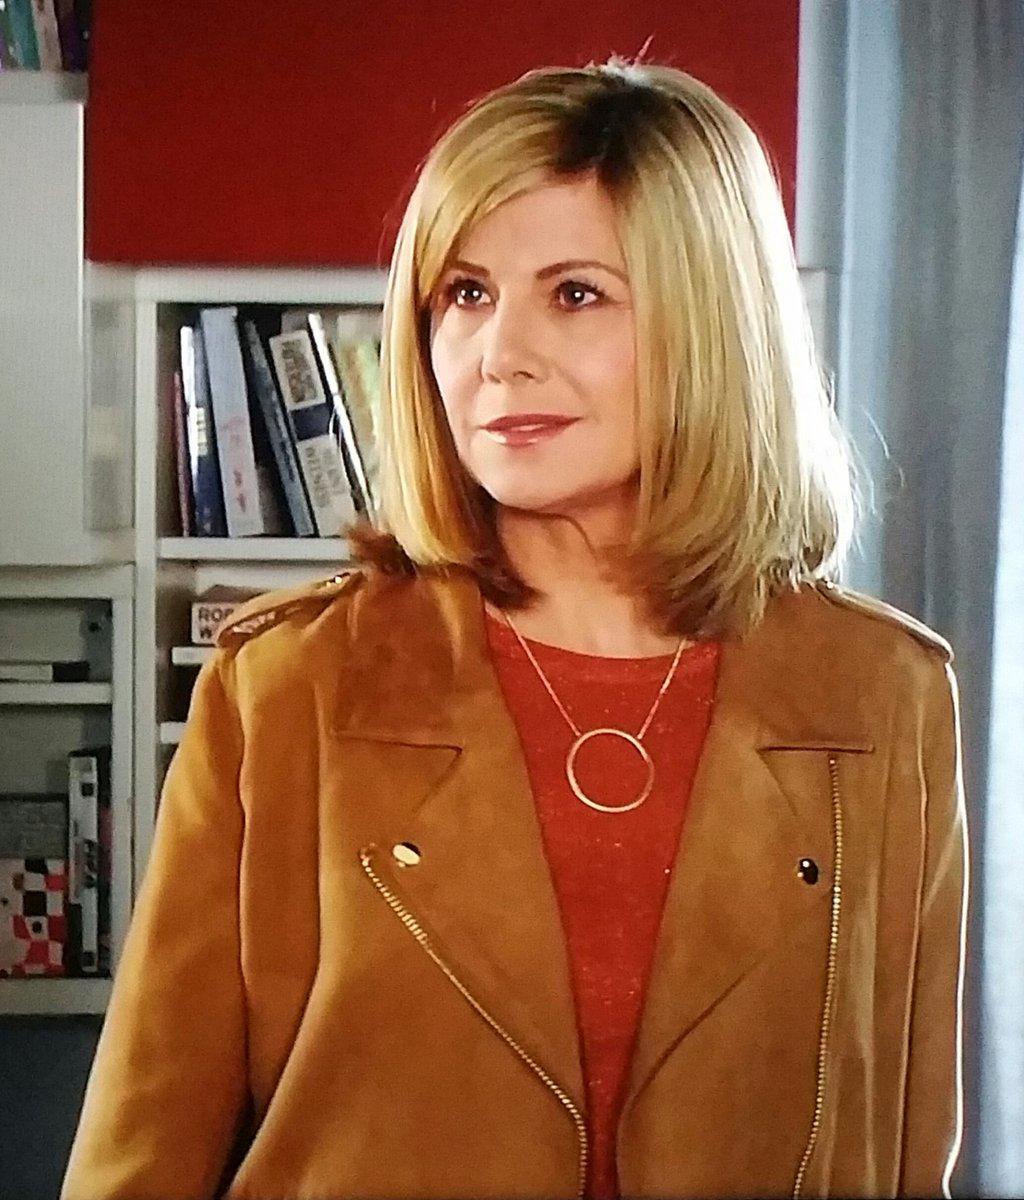 Enjoyed that @MsGlynisBarber I do love #Glenda @bbceastenders #Eastenders https://t.co/hWKU2PLP5k